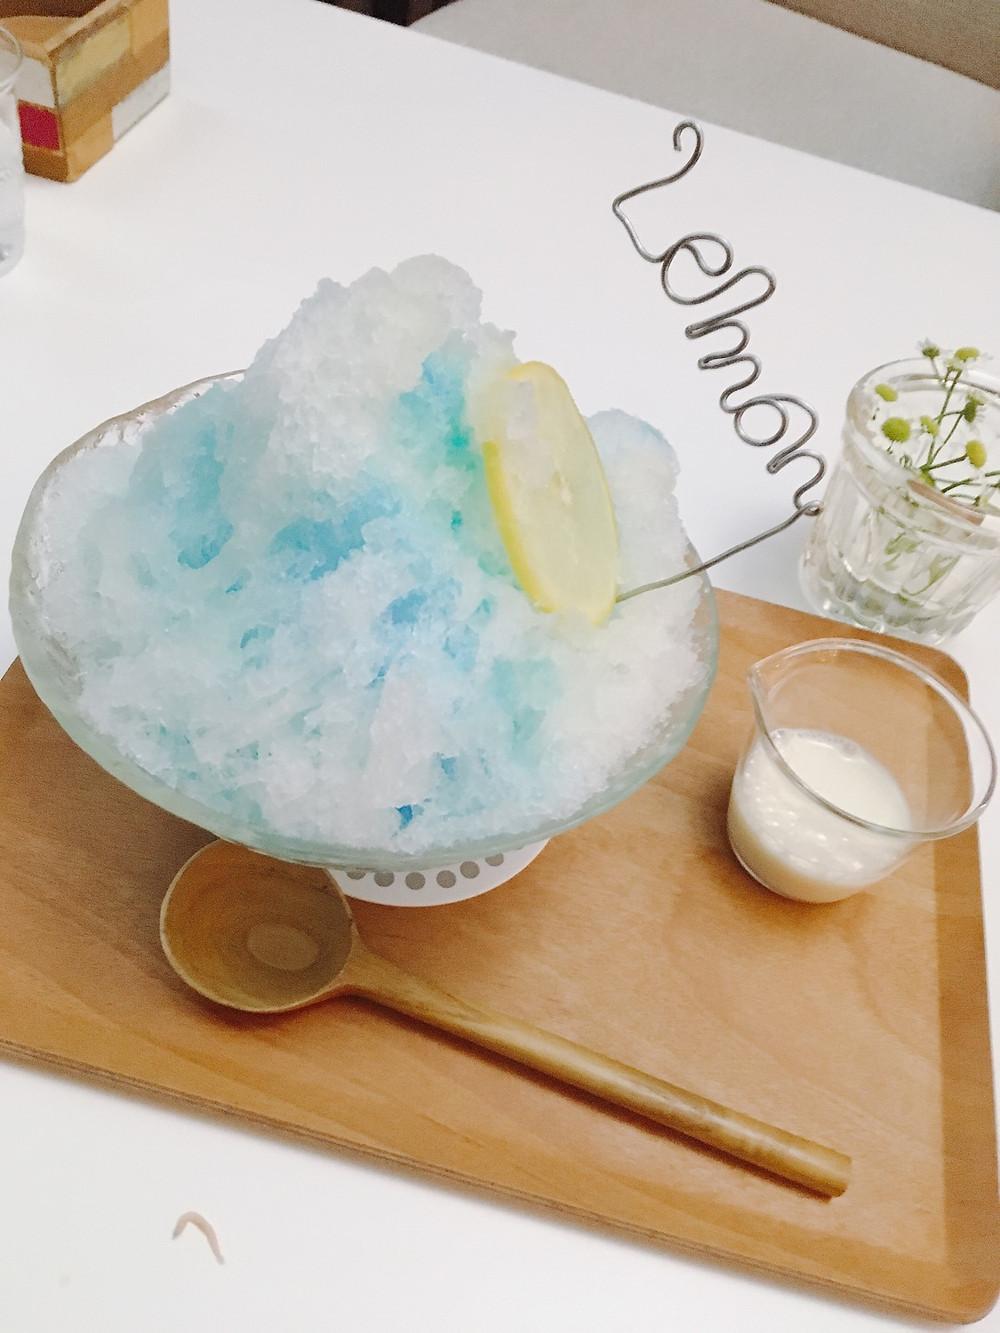 ツクモハーバーテラス カキ氷